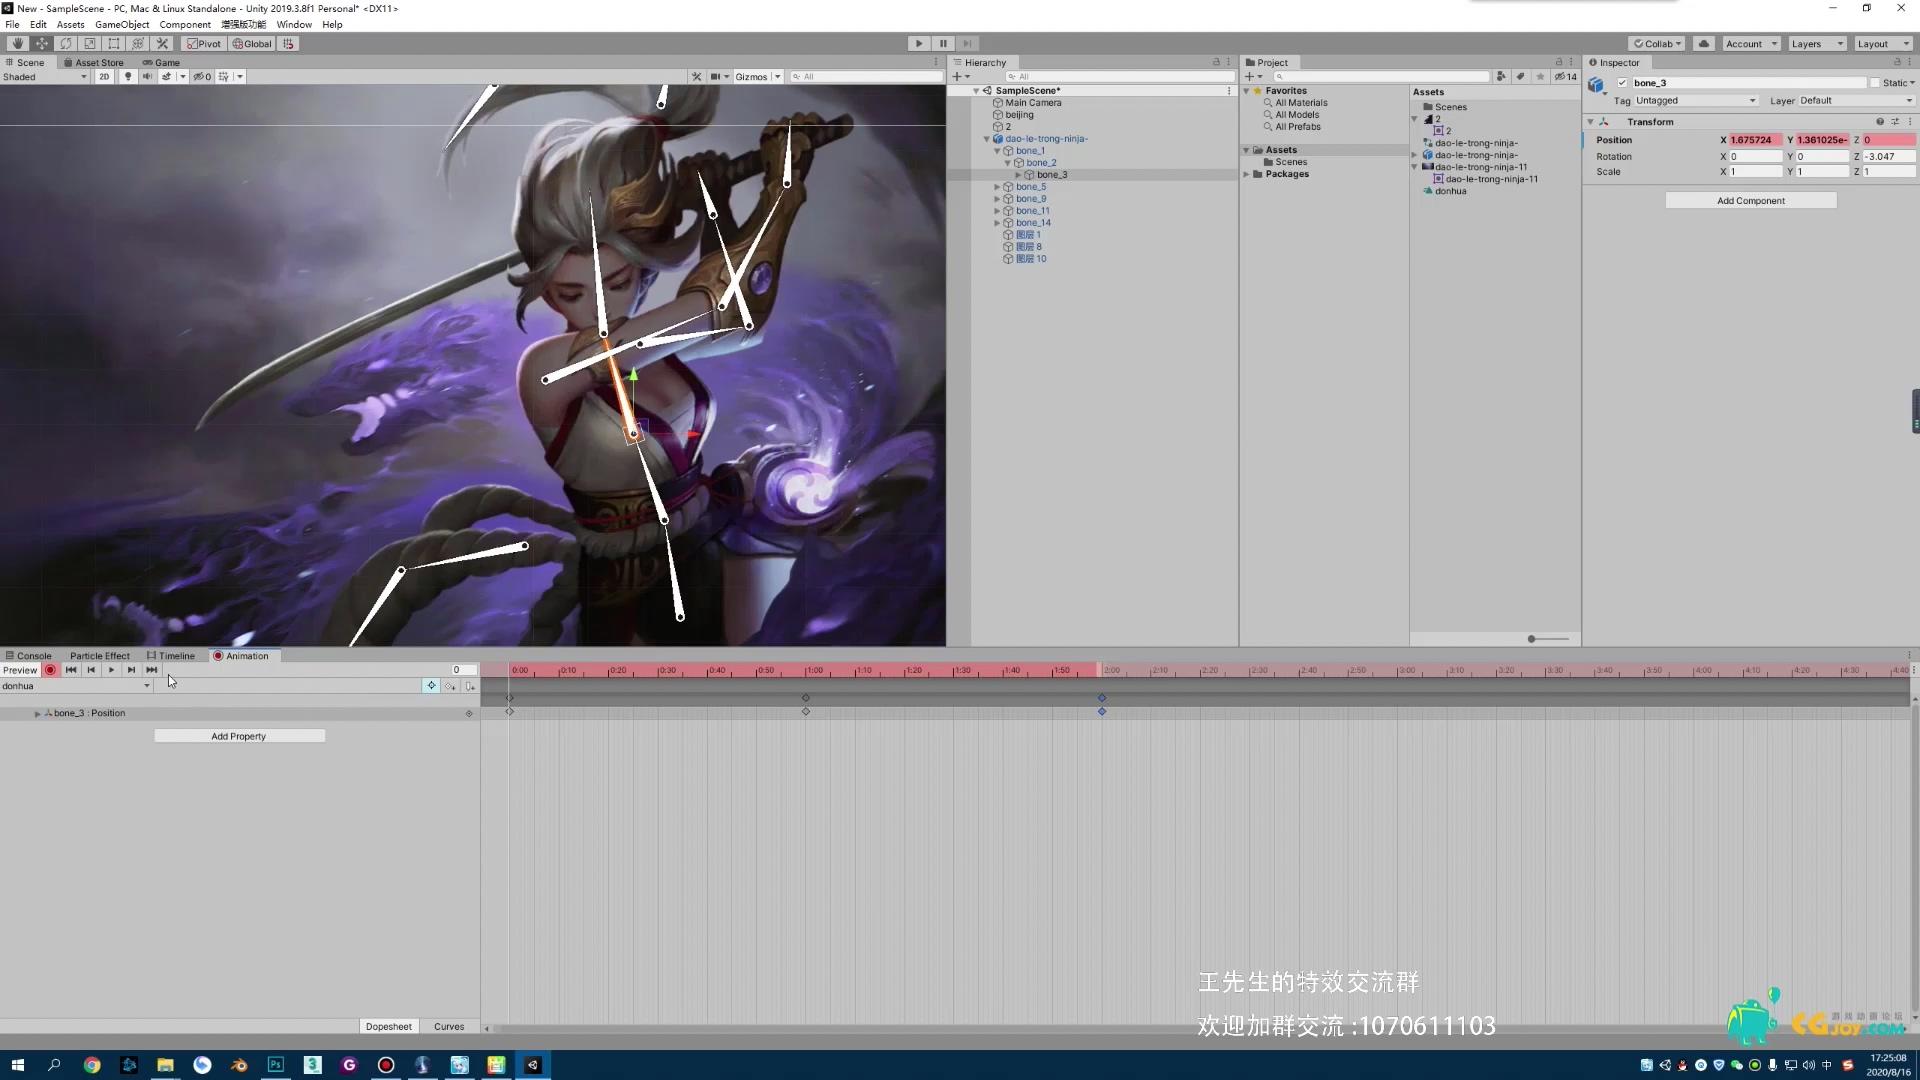 王先生零基础特效教程06-unity3d简单2D动画(拆分,绑定,动画).mp4_20210810_181314.298.jpg